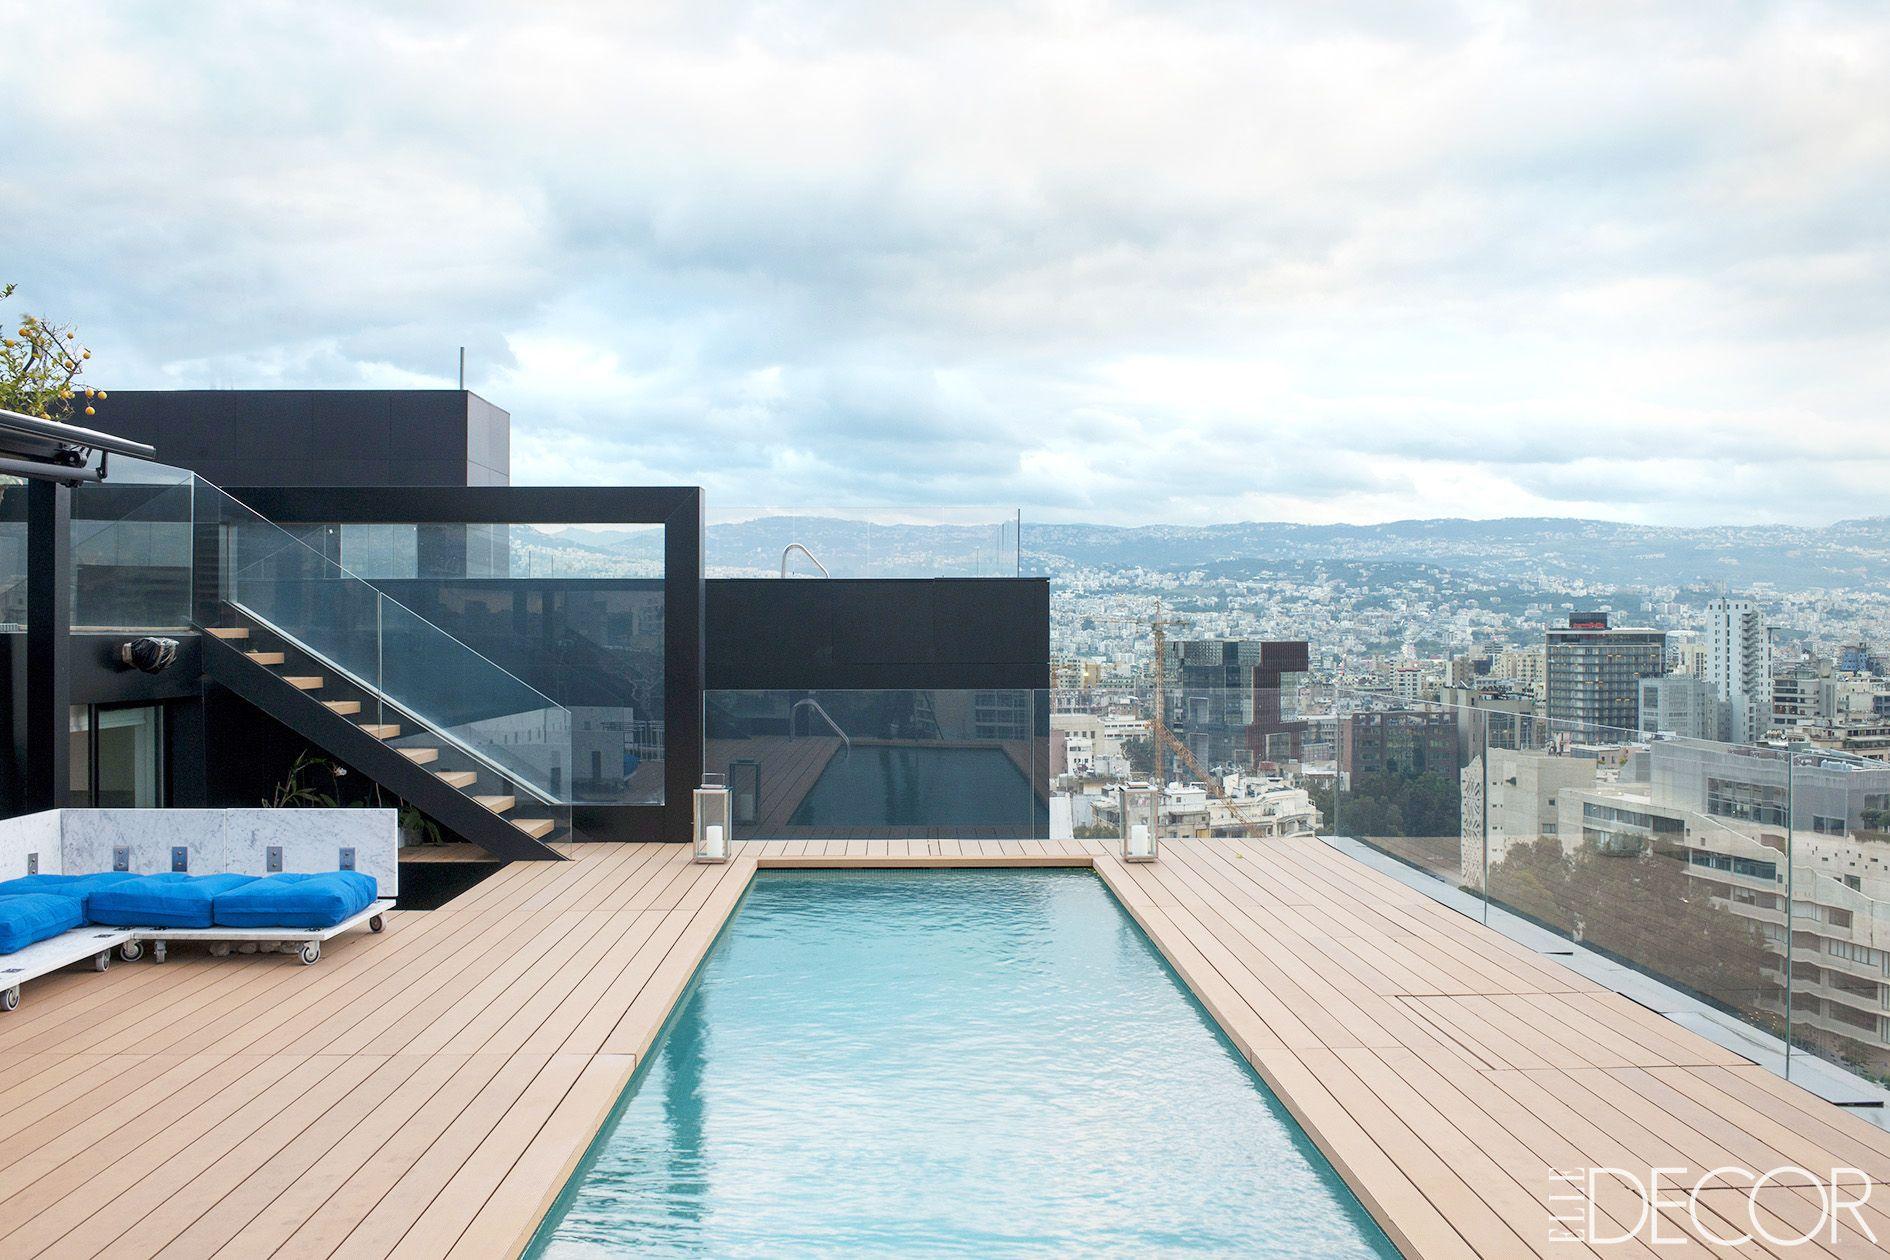 20 Amazing Pool Design Ideas Swimming Pool Design